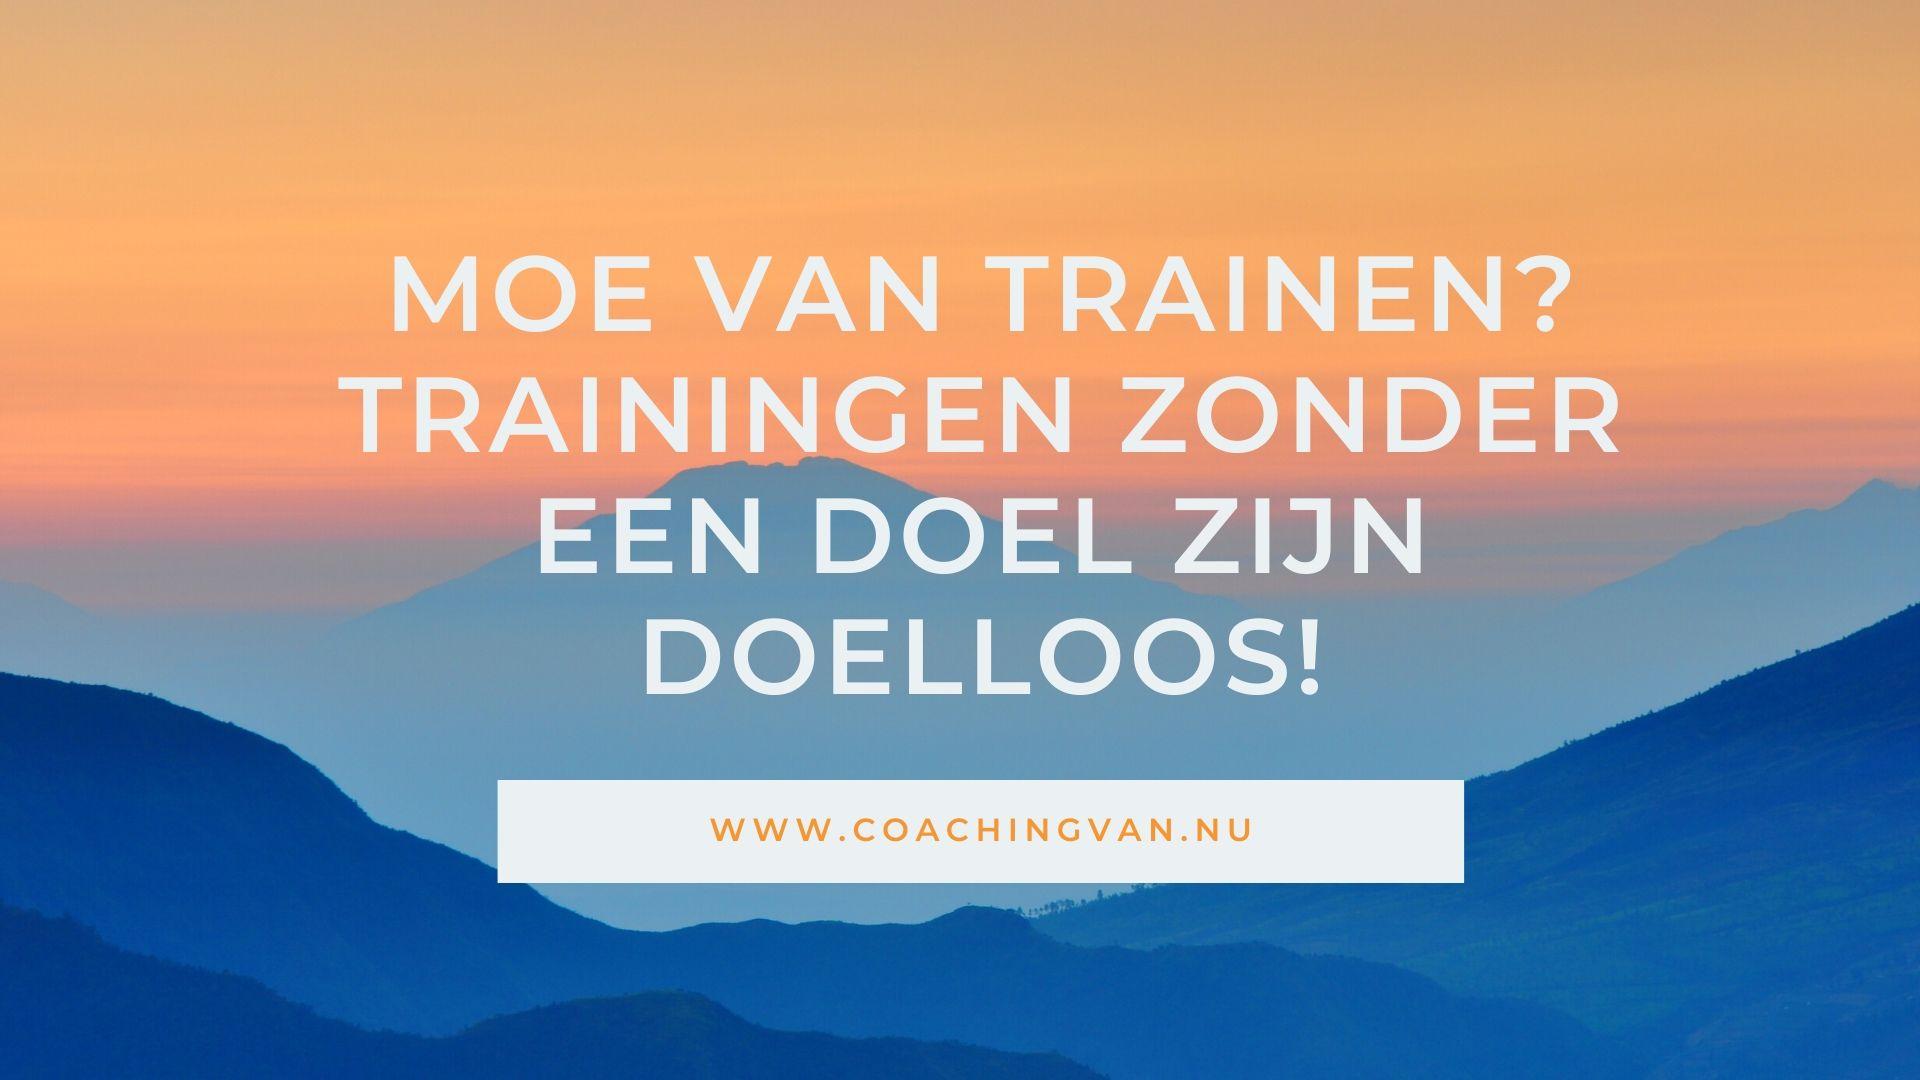 Moe van trainen? Trainingen zonder een doel zijn doelloos!